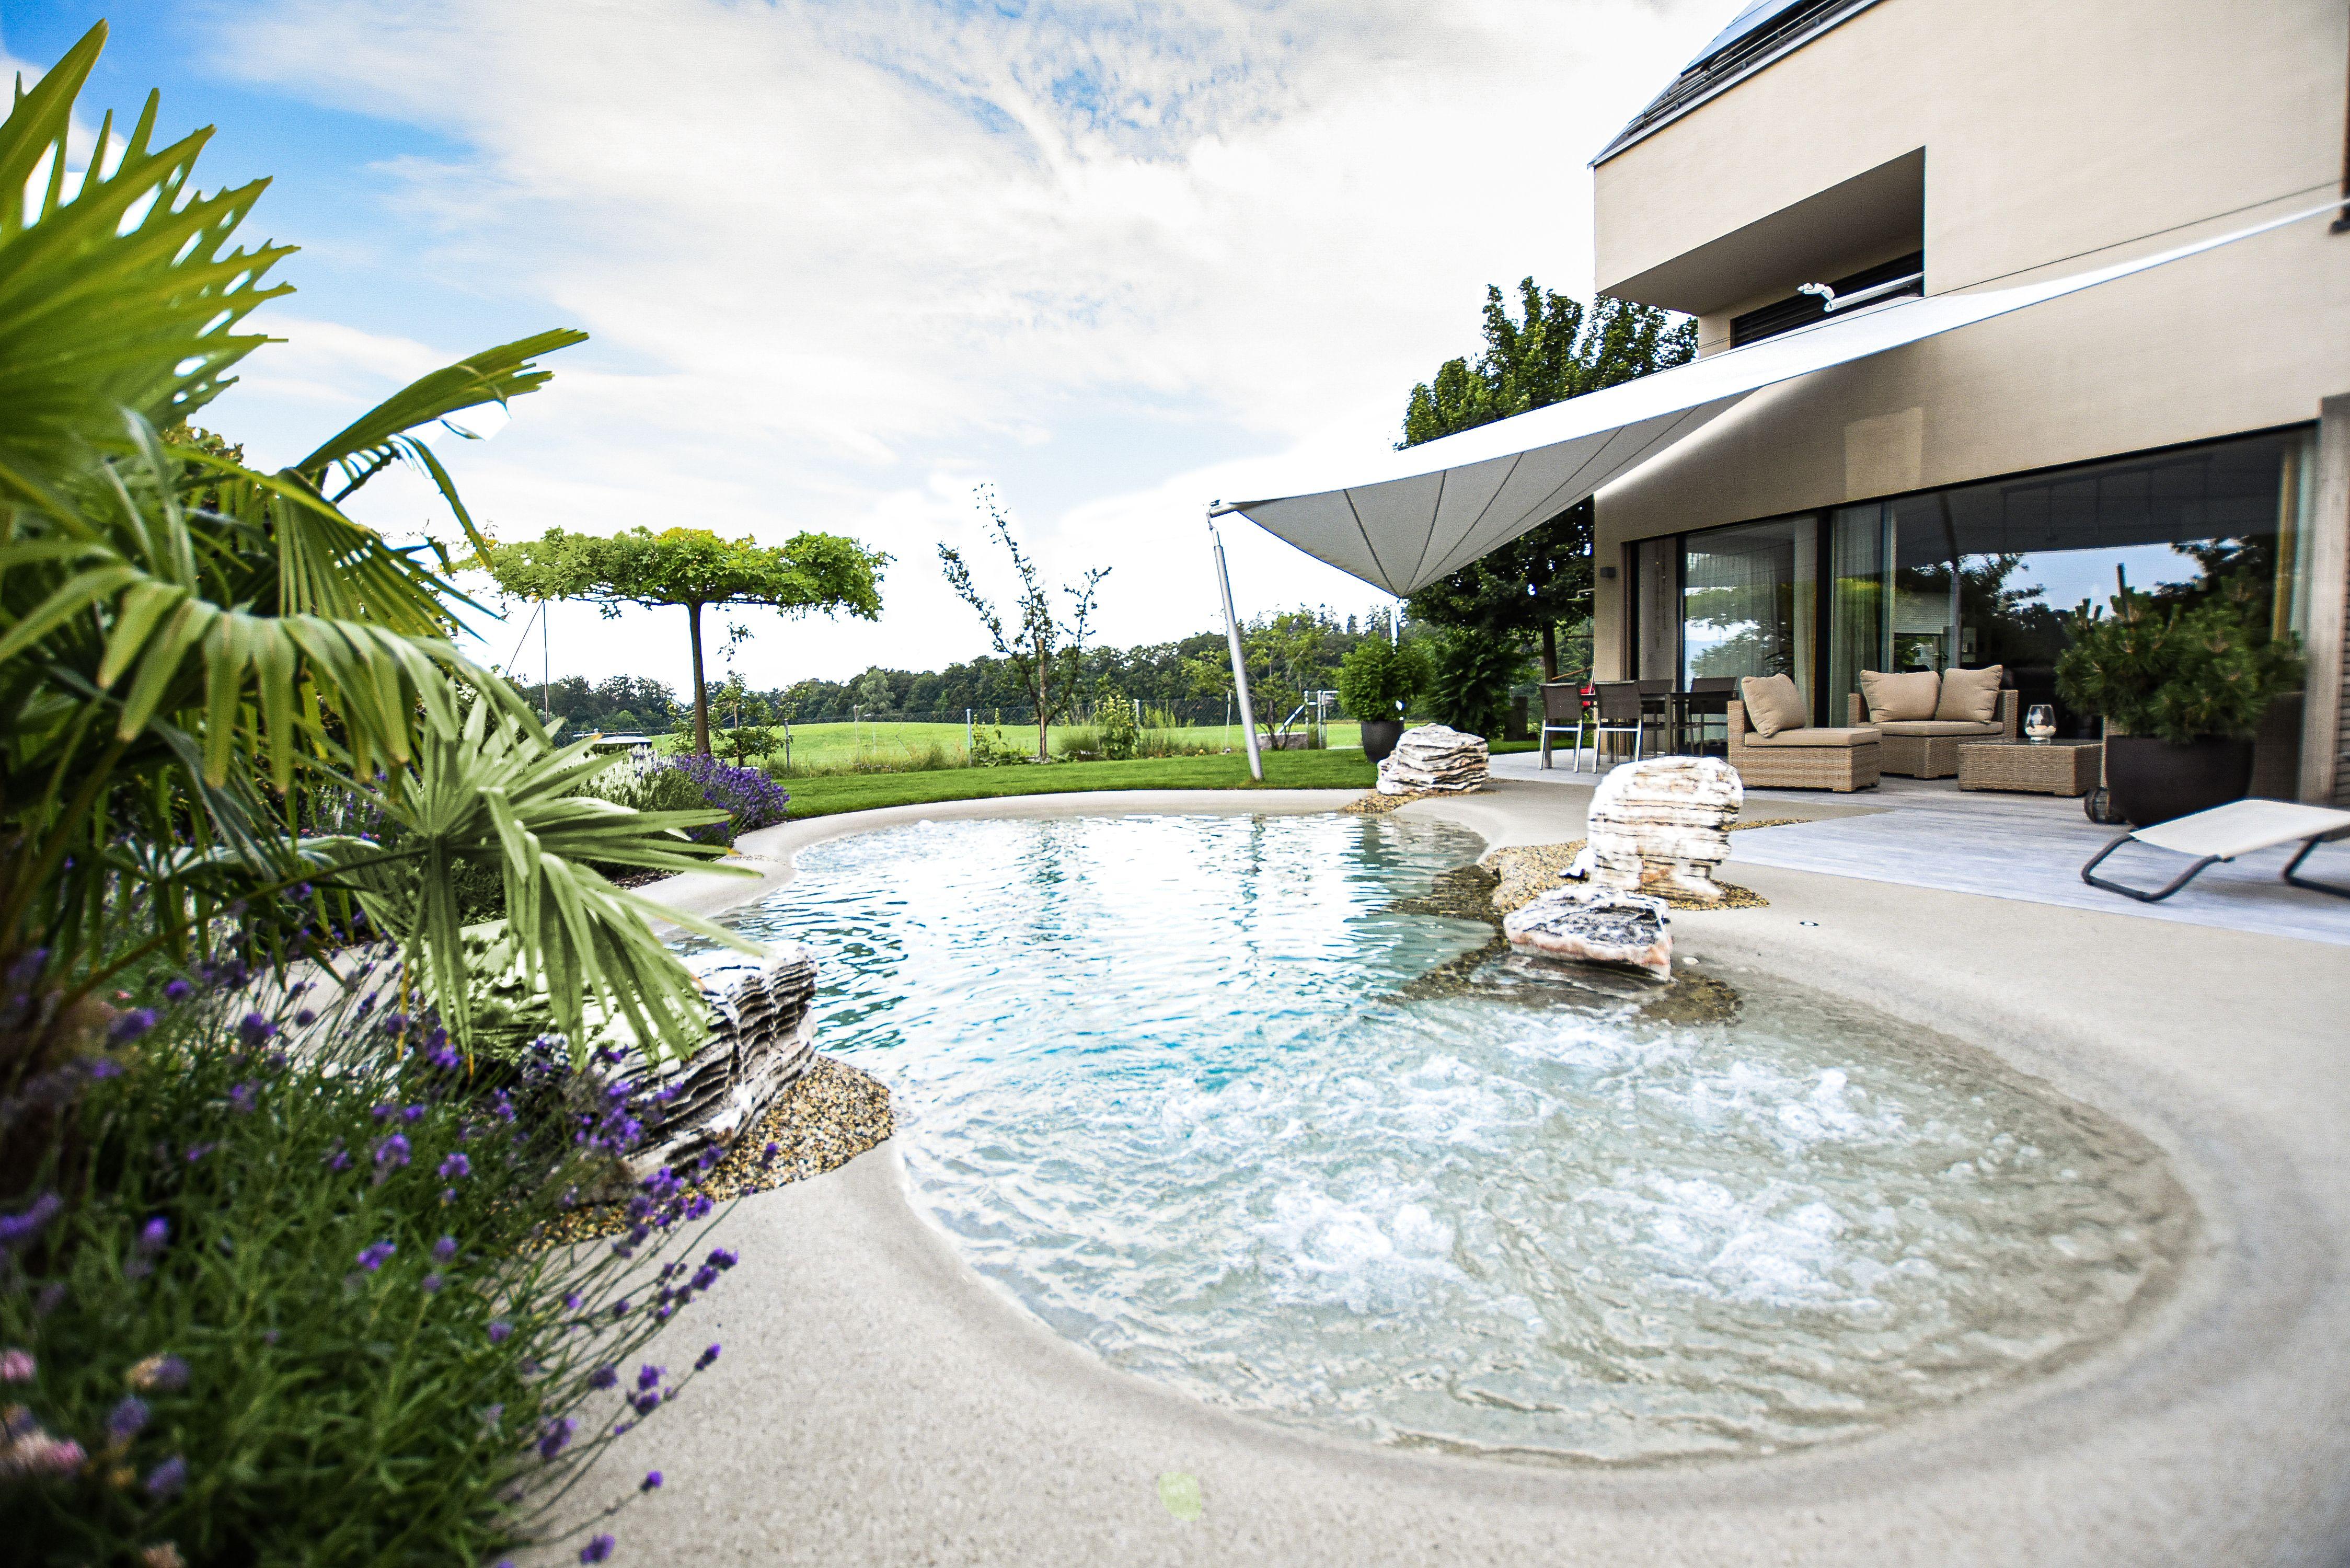 swiss-spa-pool-garten-egli-jona-gartenidee-jul2020-11